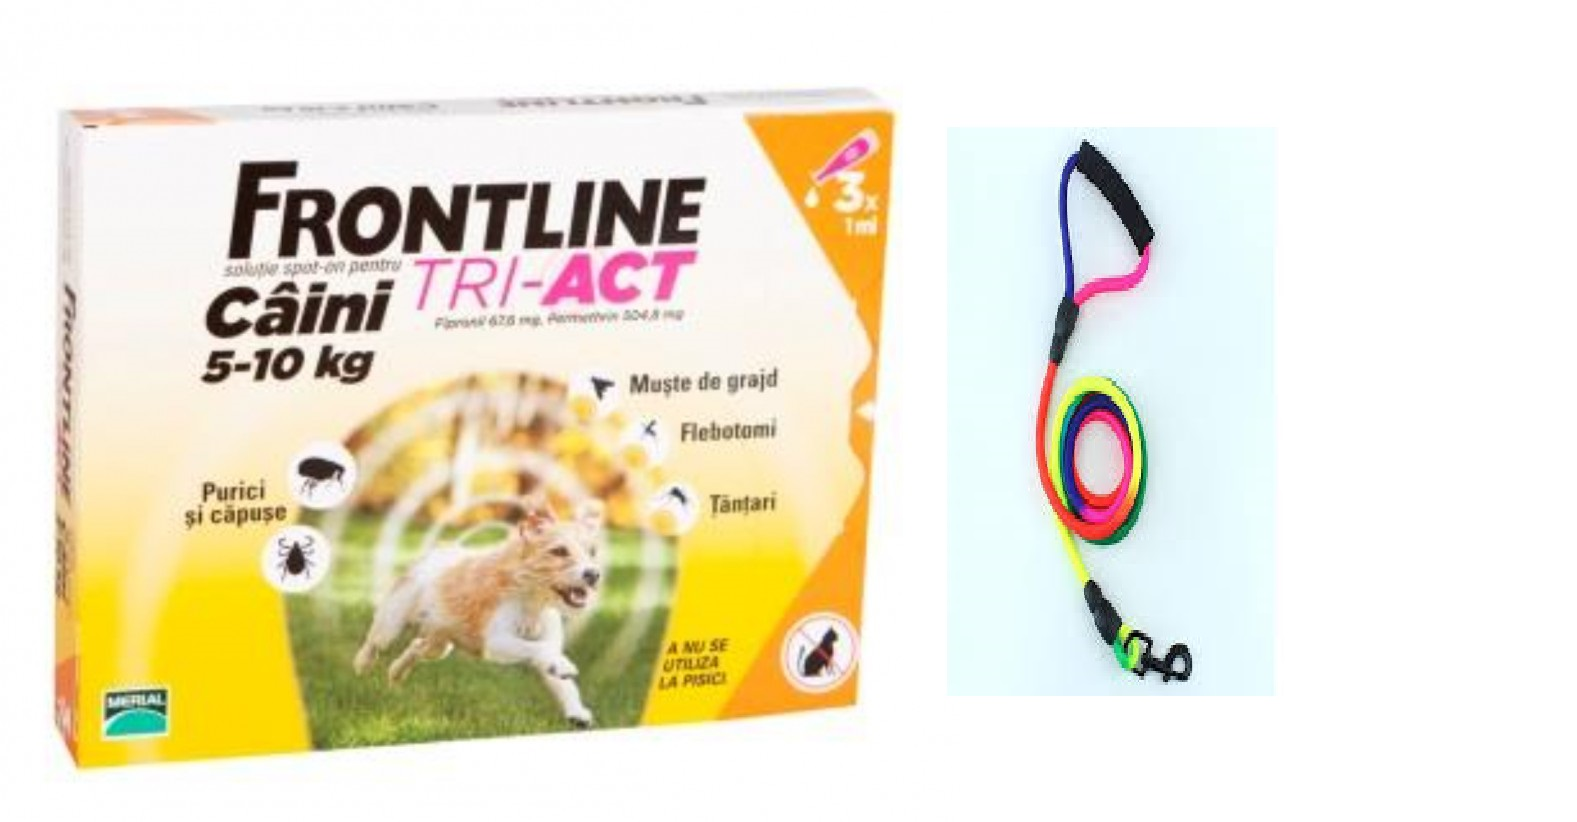 Frontline Tri Act S 5 10 Kg 3 Pipete PLUS 1 Lesa Curcubeu 2M CADOU shop4pet.ro